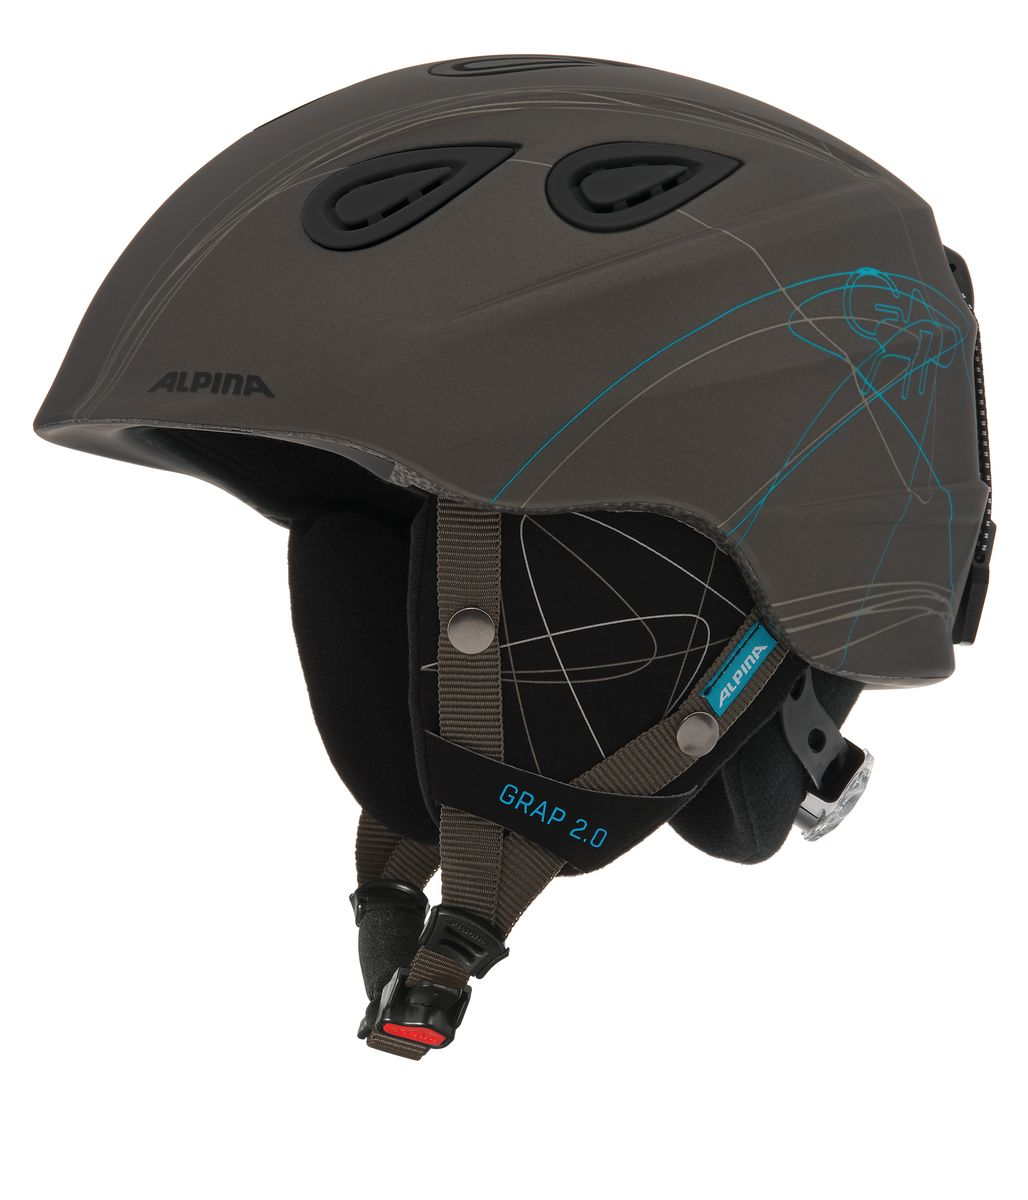 Шлем зимний Alpina Grap 2.0, цвет: серый. Размер 57-61. 9085_379080_81Шлем сделанный по технологии Inmold, доказавший свою надежность более ста тысяч раз в различных испытаниях. Непревзойденное соотношение цена-качество. Доступно девять дизайнерских решений. Технологии:INMOLD TEC – технология соединения внутренней и внешней части шлема при помощи высокой температуры. Данный метод делает соединение исключительно прочным, а сам шлем легким. Такой метод соединения гораздо надежнее и безопаснее обычного склеивания.CERAMIC – особая технология производства внешней оболочки шлема. Используются легковесные материалы экстремально прочные и устойчивые к царапинам. Возможно использование при сильном УФ изучении, так же поверхность имеет антистатическое покрытие.EDGE PROTECT – усиленная нижняя часть шлема, выполненная по технологии Inmold. Дополнительная защита при боковых ударах. RUN SYSTEM – простая система настройки шлема, позволяющая добиться надежной фиксации.AIRSTREAM CONTROL – регулируемые воздушные клапана для полного контроля внутренней вентиляции. REMOVABLE EARPADS - съемные амбушюры добавляют чувства свободы во время катания в теплую погоду, не в ущерб безопасности. При падении температуры, амбушюры легко устанавливаются обратно на шлем.CHANGEABLE INTERIOR – съемная внутренняя часть. Допускается стирка в теплой мыльной воде.NECKWARMER – дополнительное утепление шеи. Изготовлено из мягкого флиса.